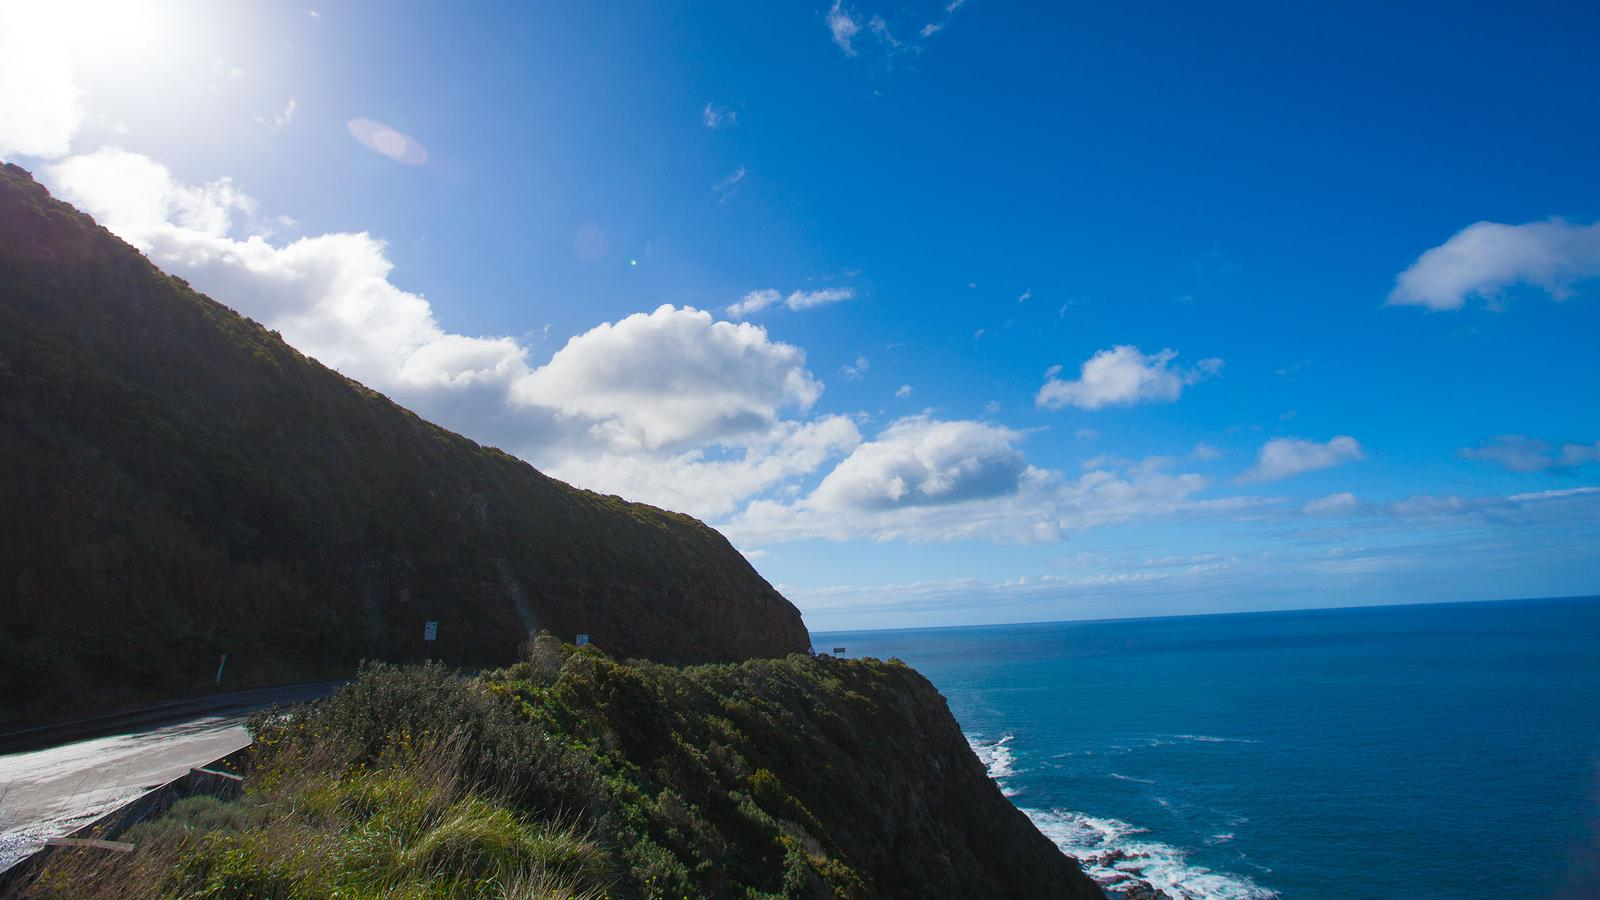 traveljunkies Great Ocean Road Reisen für junge Leute Australien Gruppenreise Abenteuerreise Panoramaroute